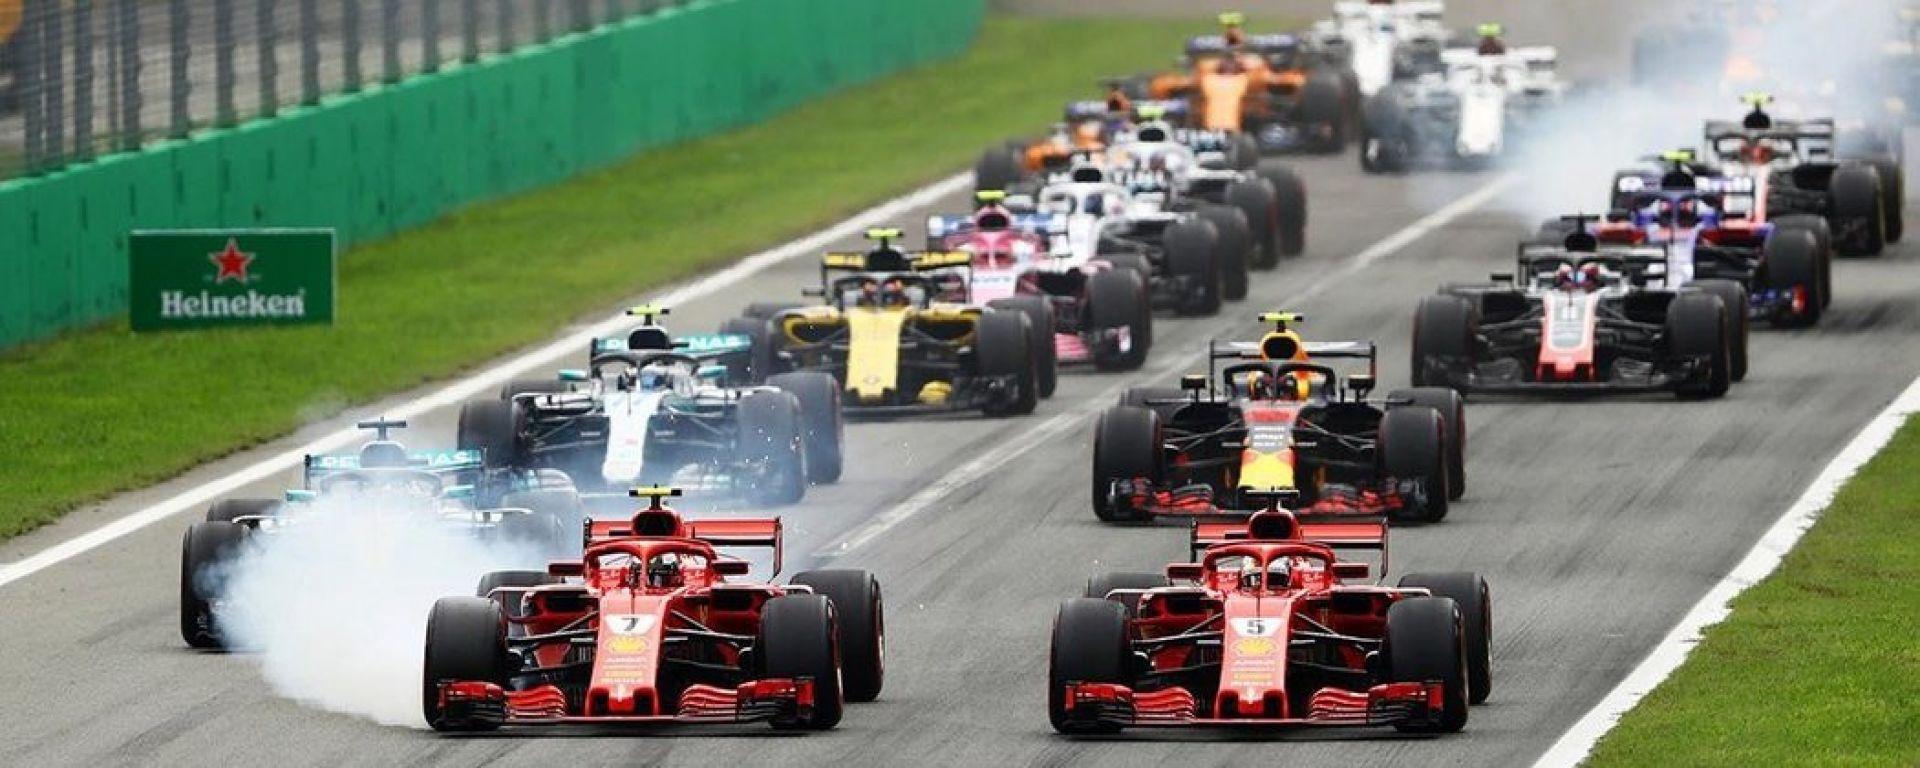 Assicurazioni: una norma europea rischia di uccidere il motorsport